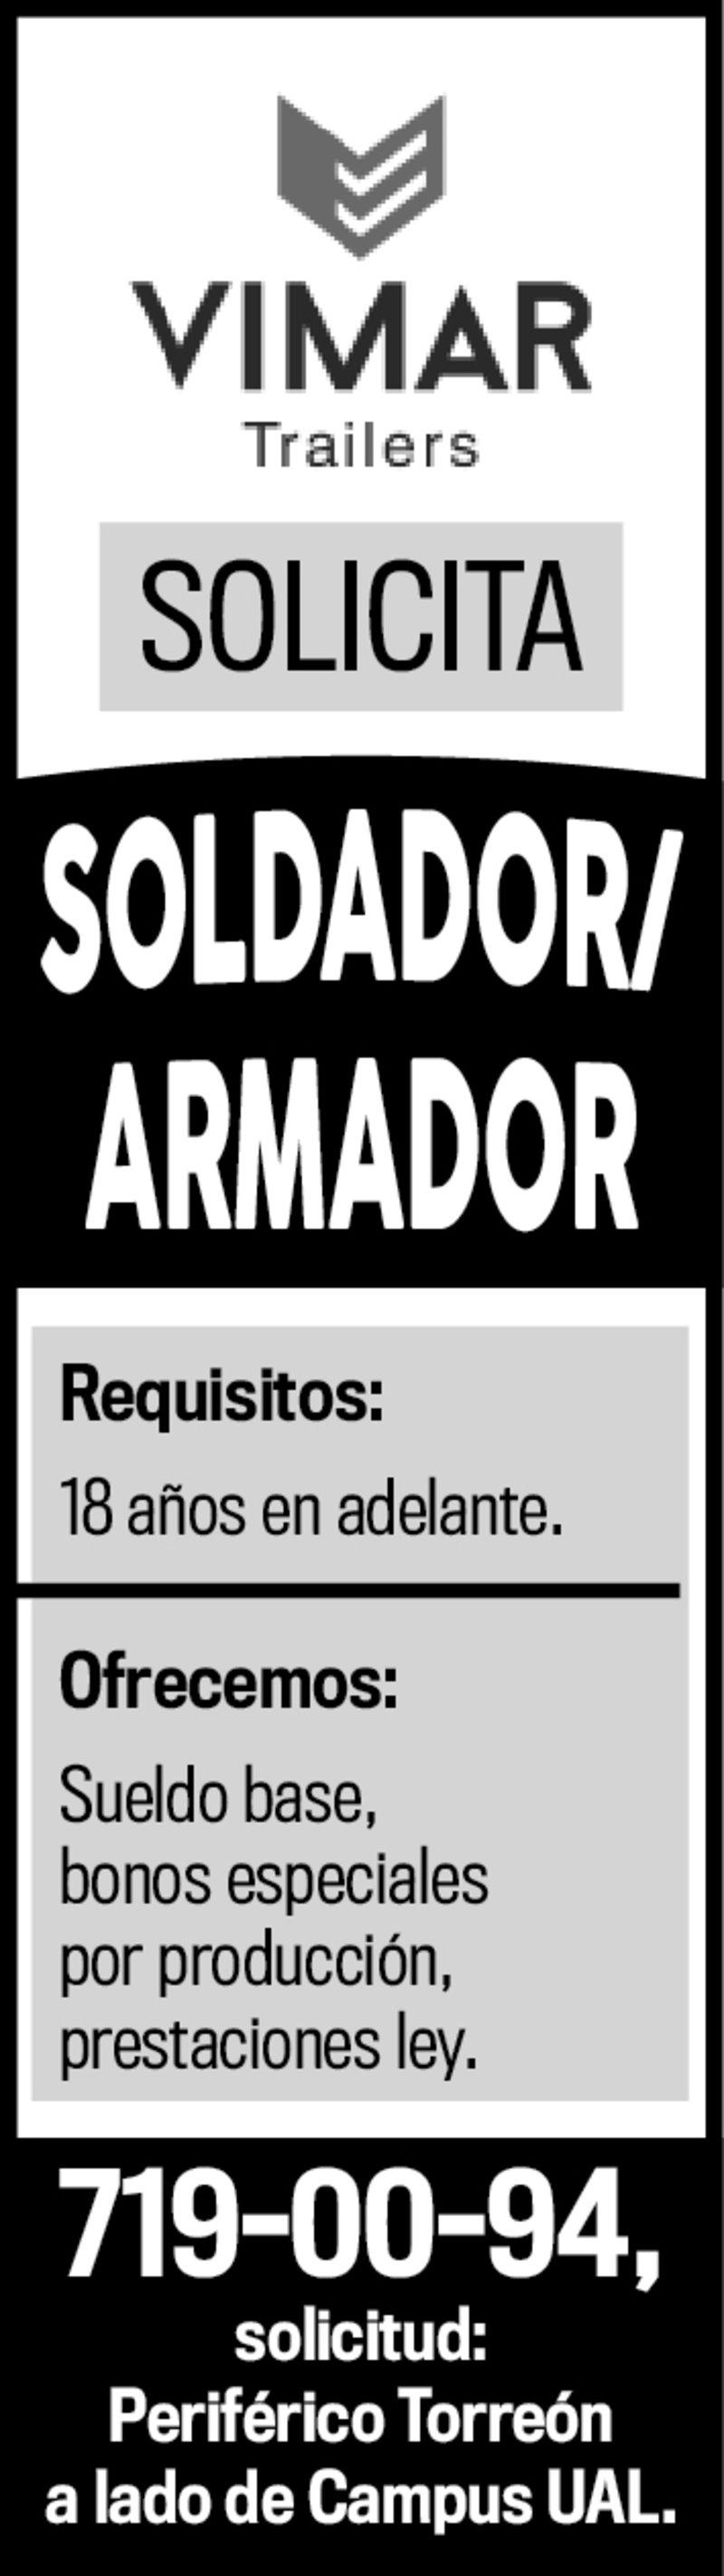 SOLDADOR ARMADOR